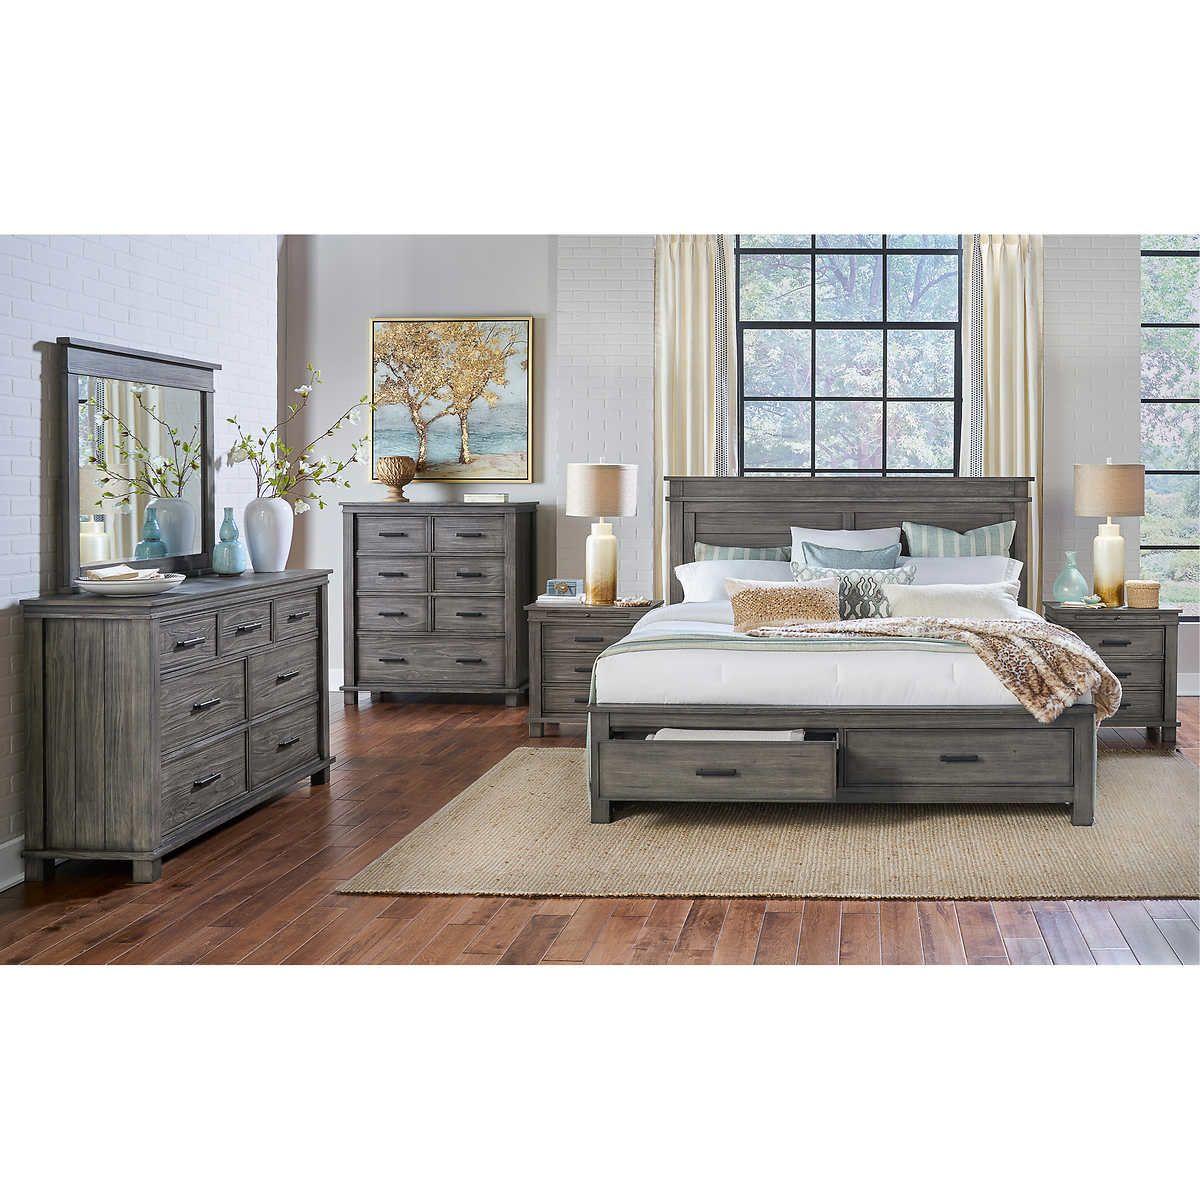 Bianca 6piece King Bedroom Set King bedroom sets